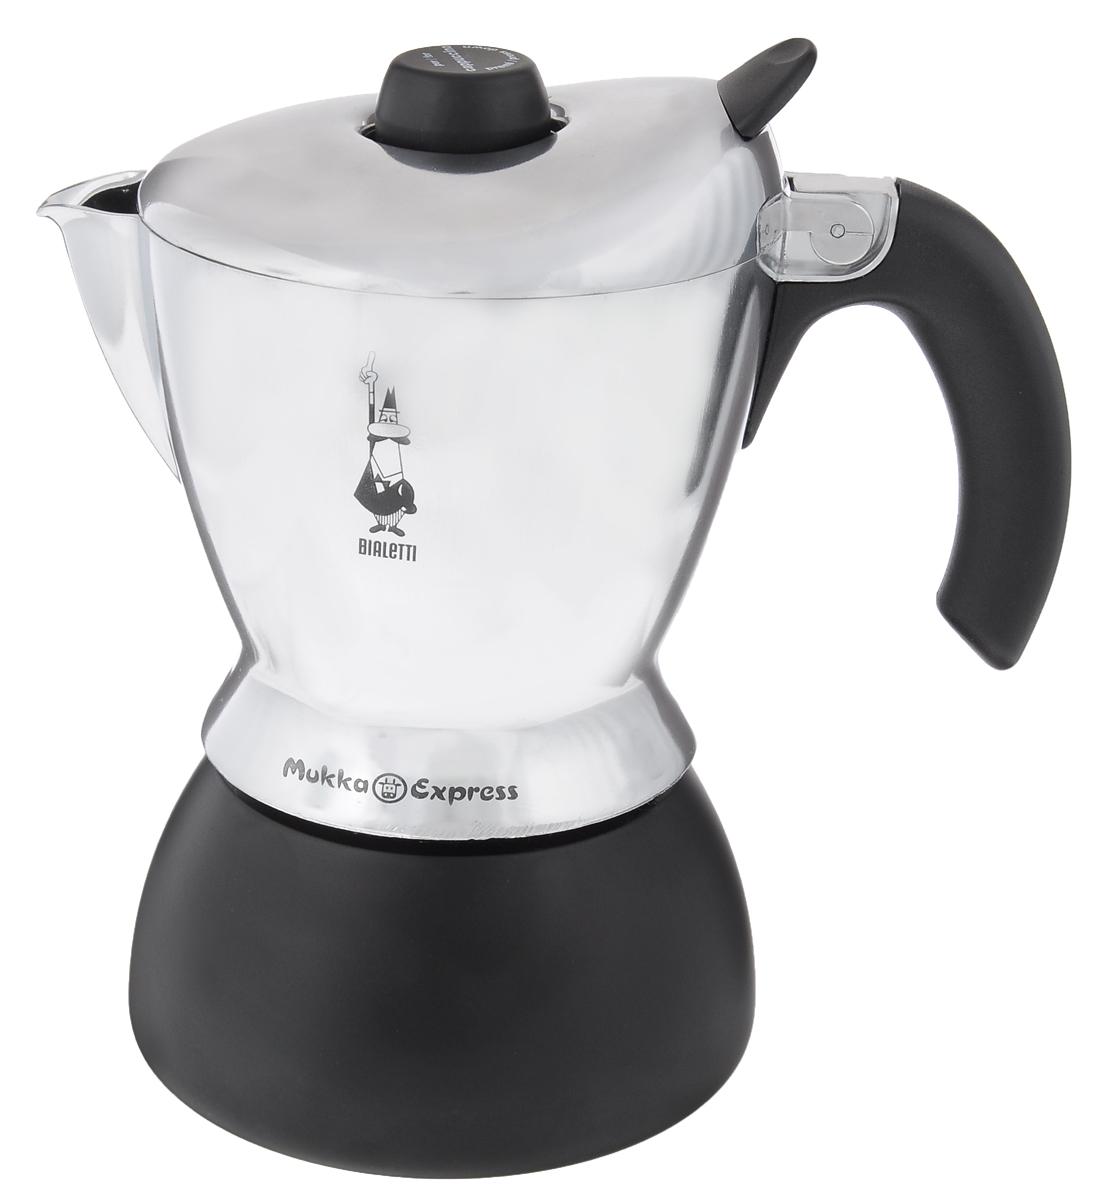 Кофеварка гейзерная Bialetti Mukka GG 2, на 2 чашки115510Компактная гейзерная кофеварка Bialetti Mukka GG 2 изготовлена из высококачественного алюминия и стали. Объема кофе хватает на 2 чашки. Изделие оснащено удобной ручкой из бакелита.Принцип работы такой гейзерной кофеварки - кофе заваривается путем многократного прохождения горячей воды или пара через слой молотого кофе. Удобство кофеварки в том, что вся кофейная гуща остается во внутренней емкости. Гейзерные кофеварки пользуются большой популярностью благодаря изысканному аромату. Кофе получается крепкий и насыщенный. Теперь и дома вы сможете насладиться великолепным эспрессо. Подходит для газовых, электрических и стеклокерамических плит. Нельзя мыть в посудомоечной машине. В комплекте диск с видеоинструкцией.Высота (с учетом крышки): 21 см.